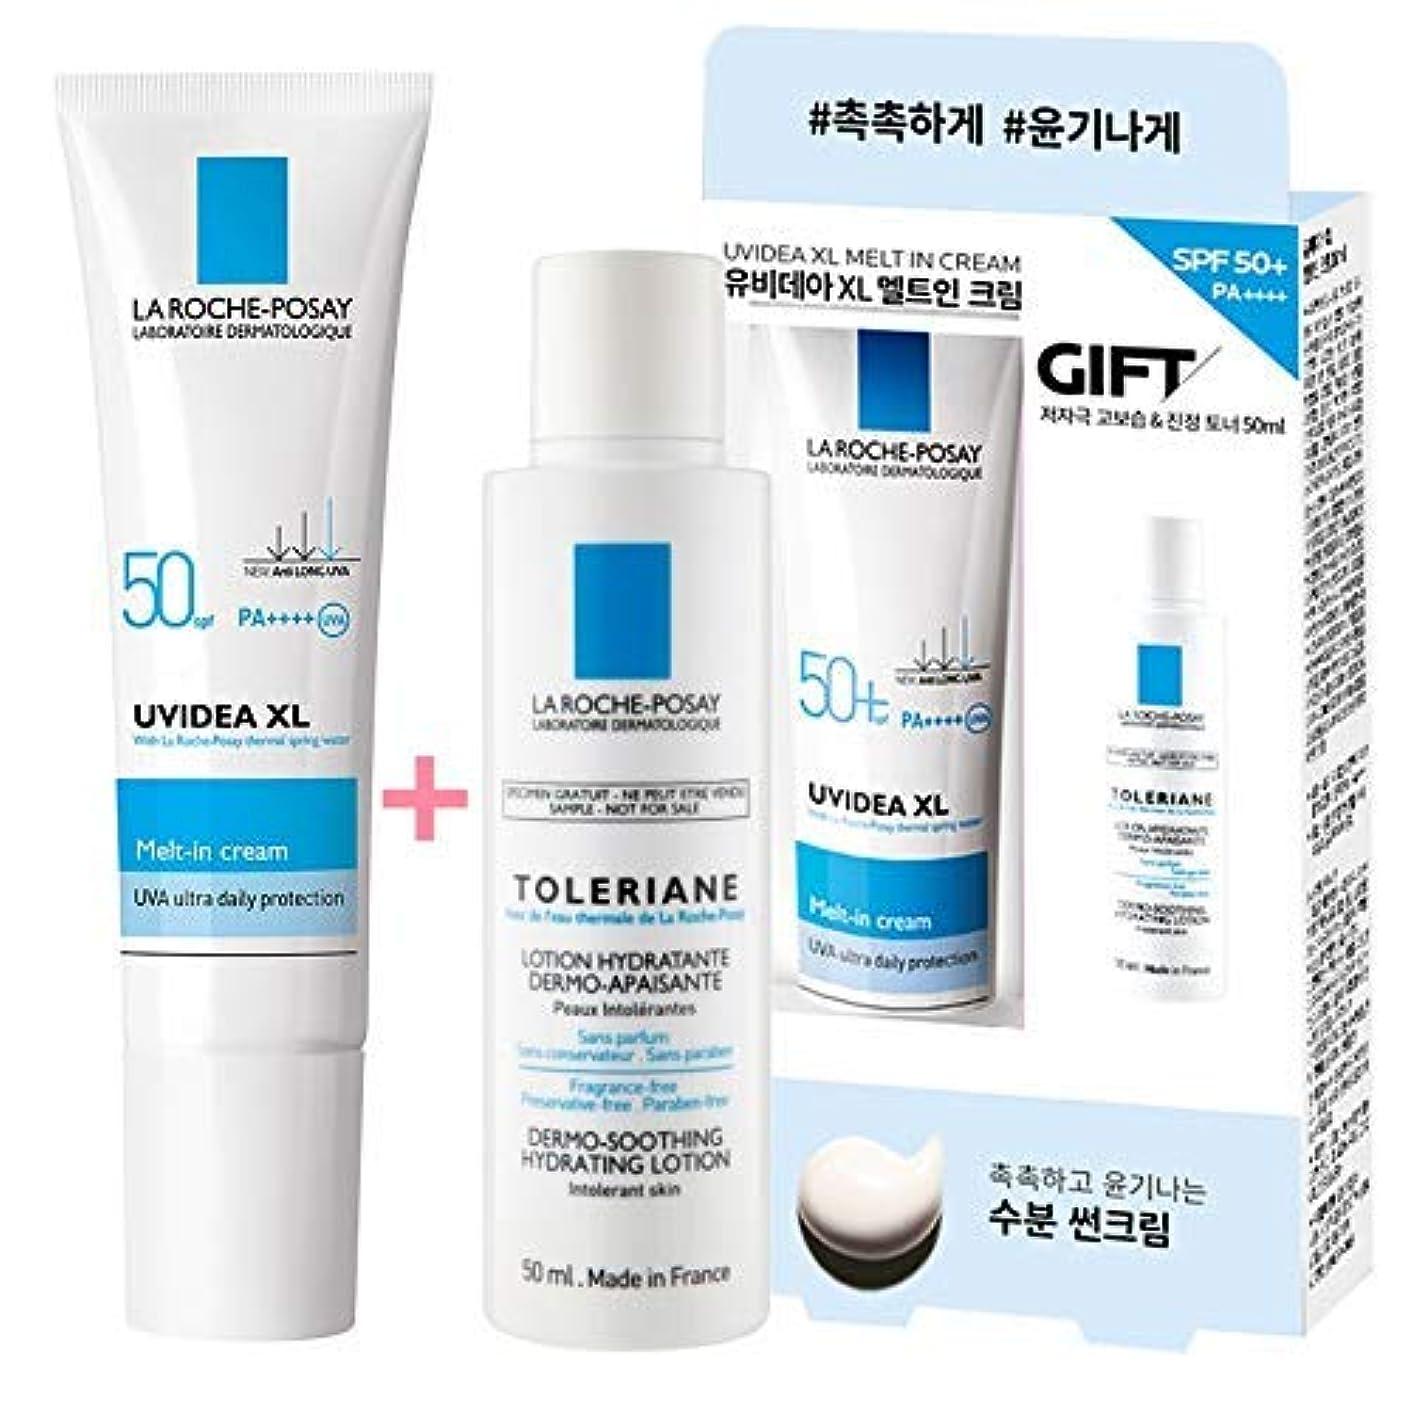 必要とする旋回統合La Roche-Posay ラロッシュポゼ UVイデア XL Melt-In クリーム Uvidea XL Melt-In Cream - Natural (30ml) SPF50+ PA++++ (ギフト: LOTION...